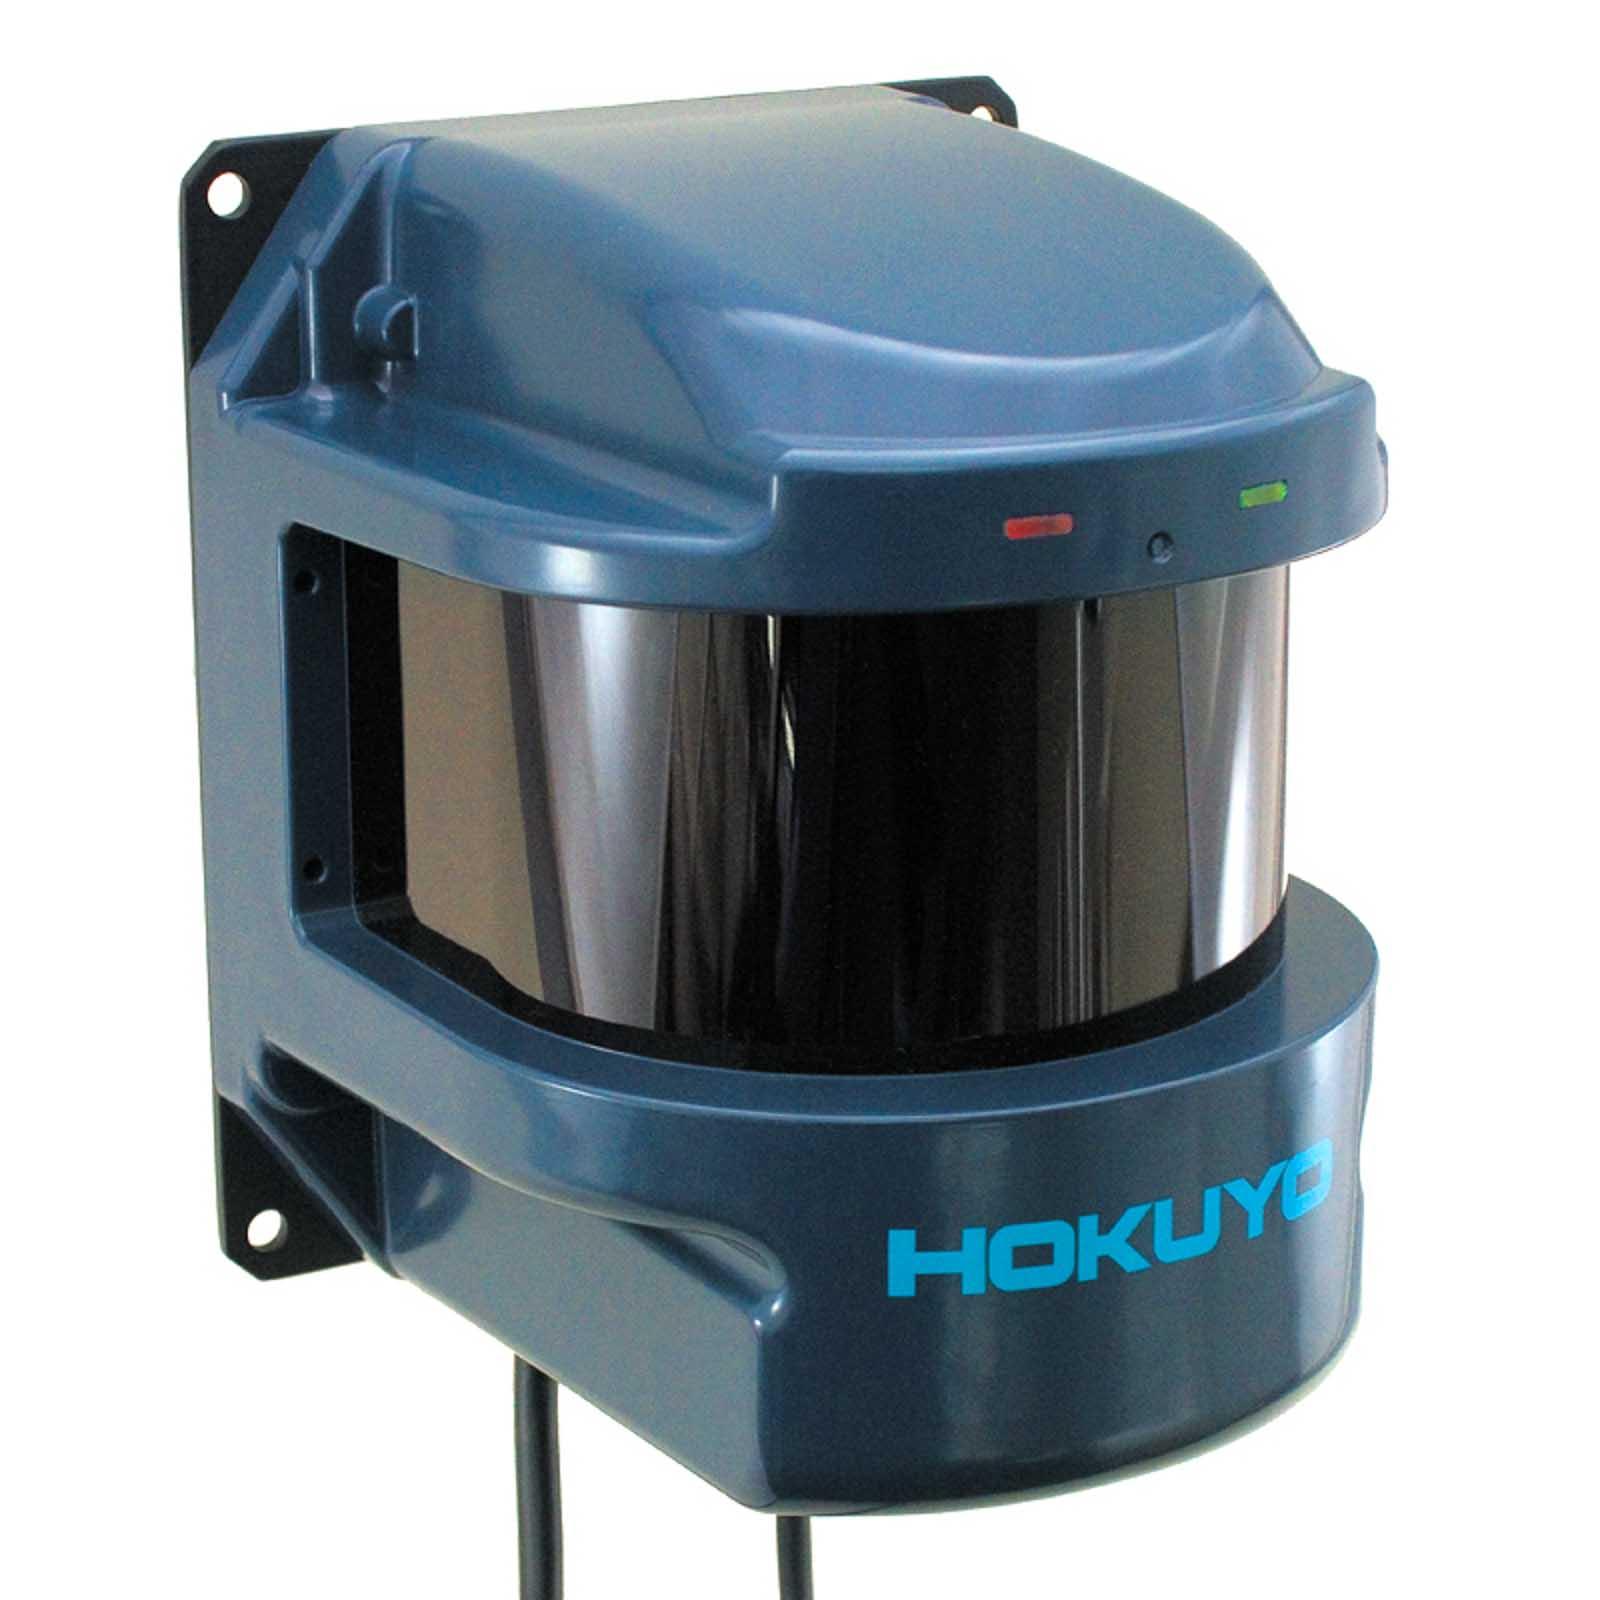 Acroname Hokuyo Laser Range Finder